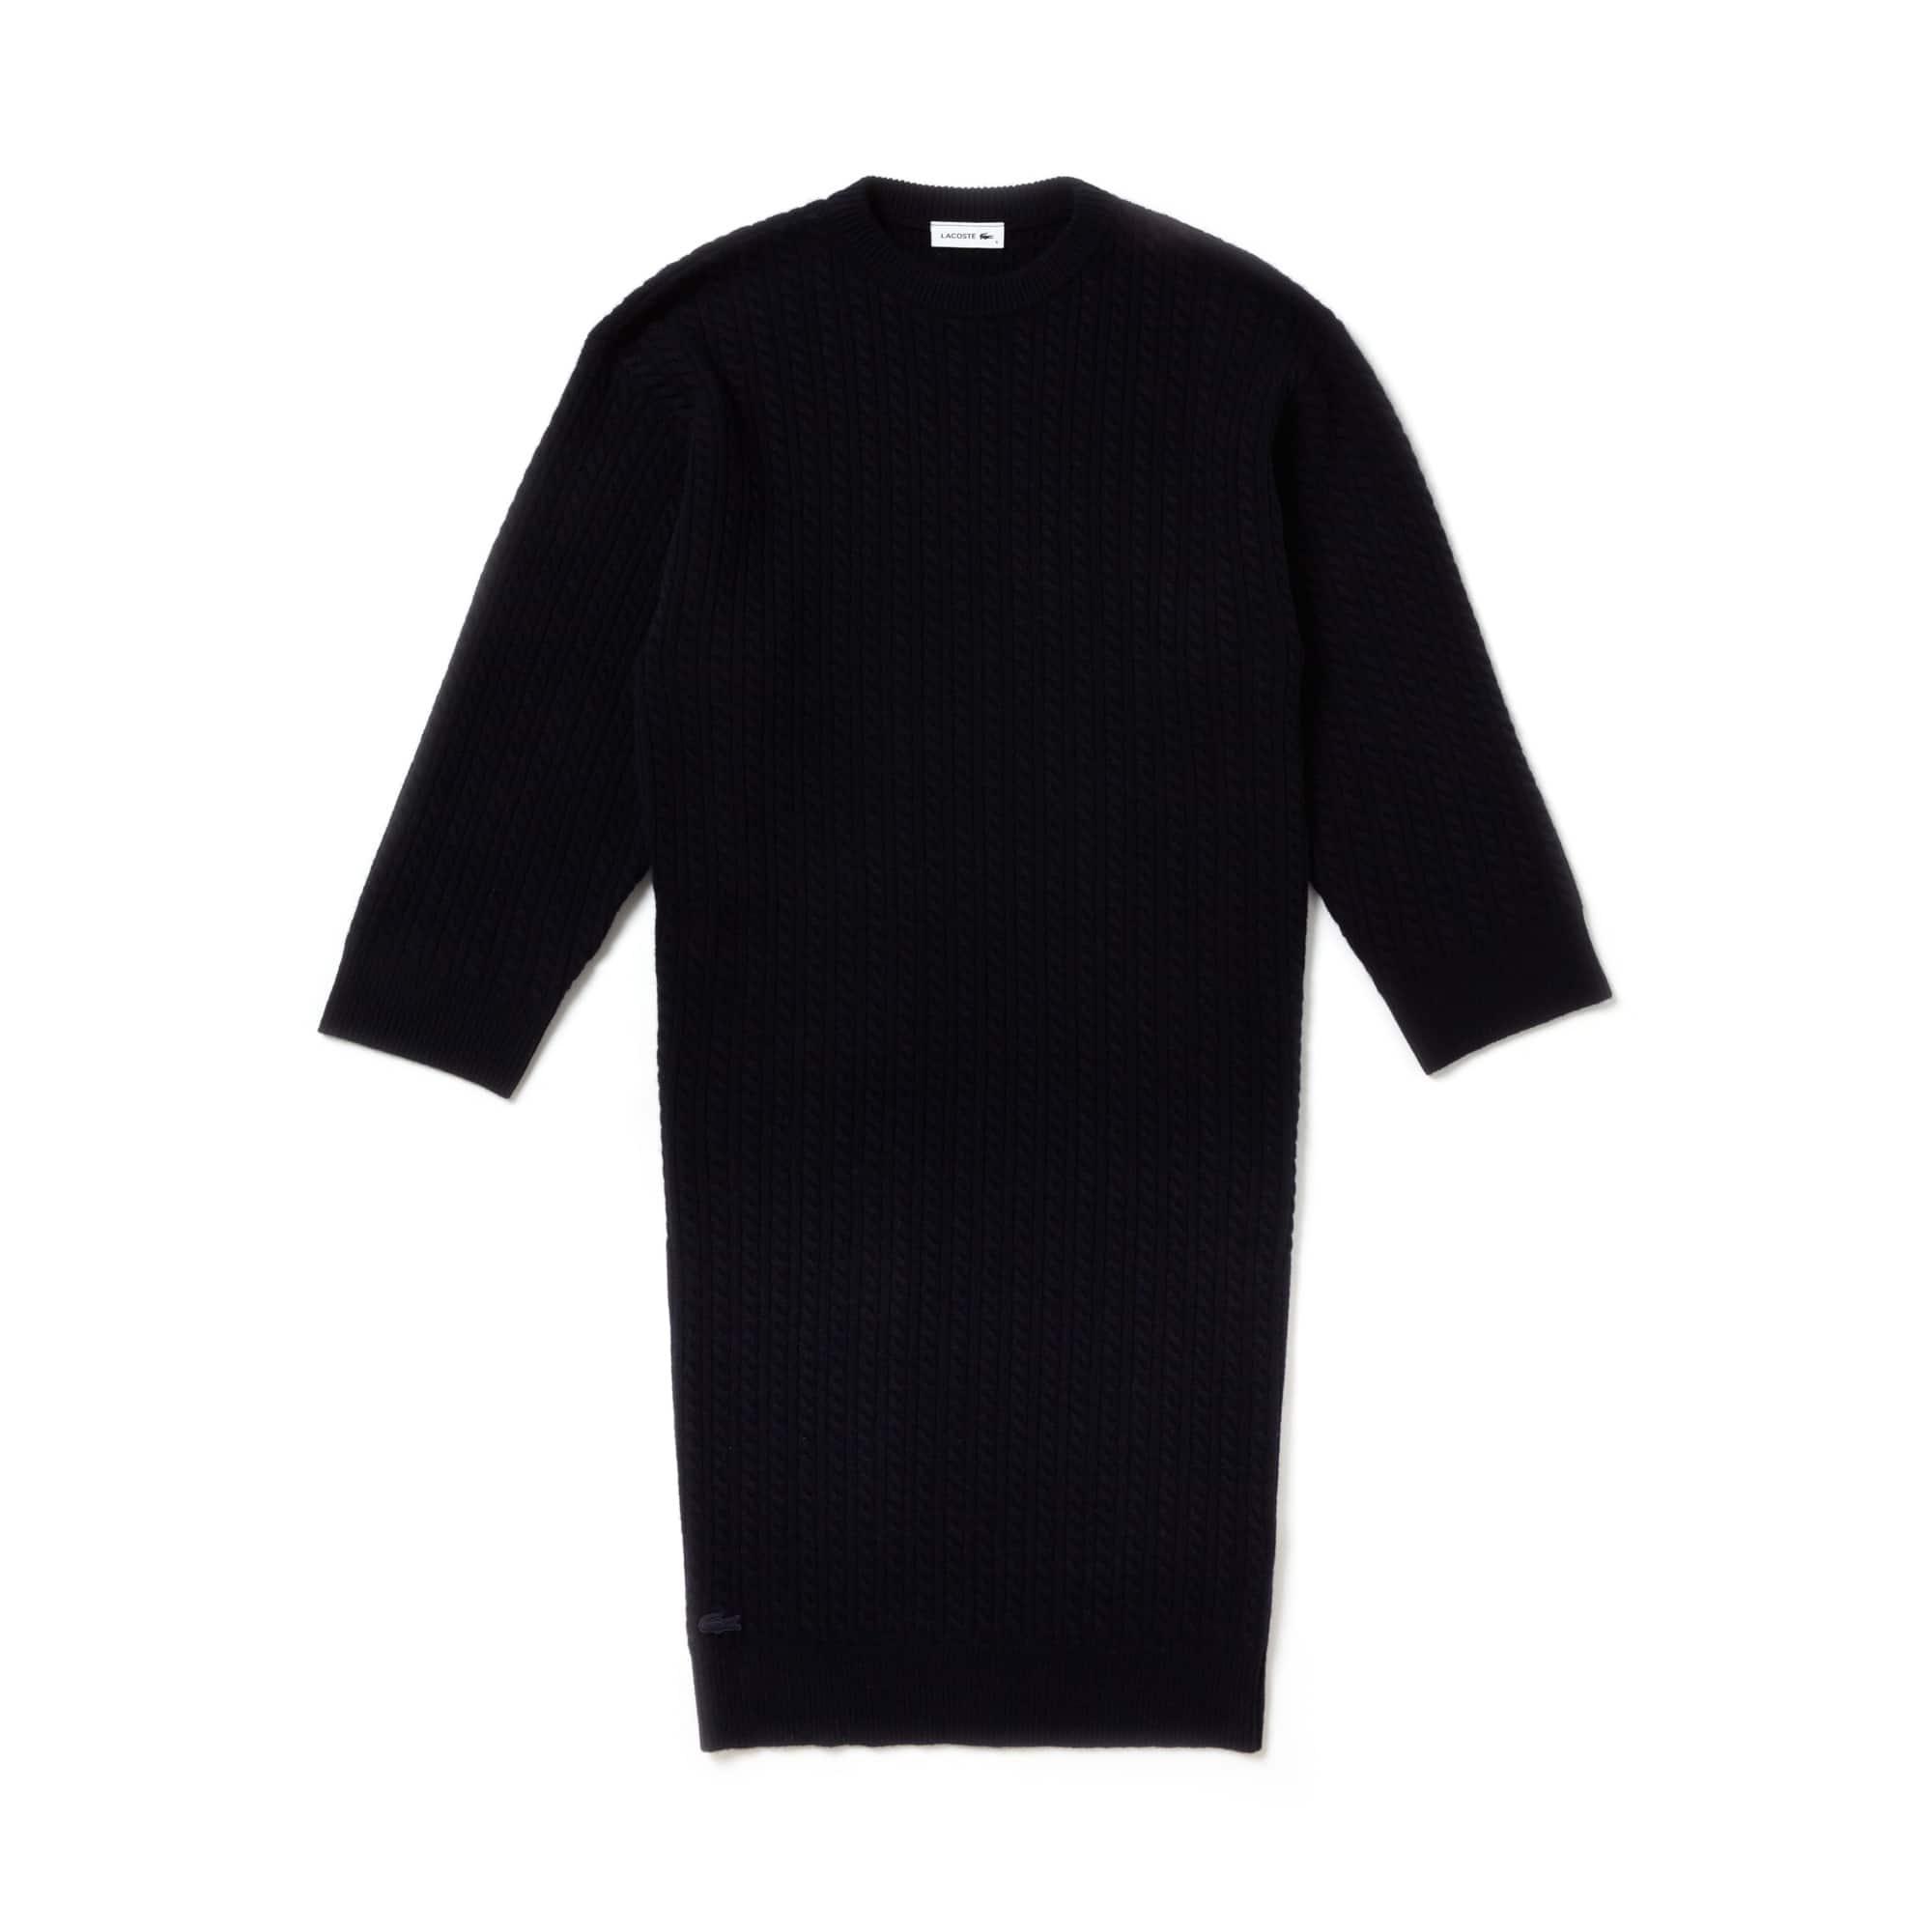 Damen Oversize-Pulloverkleid aus Wolle und Cashmere FASHION SHOW